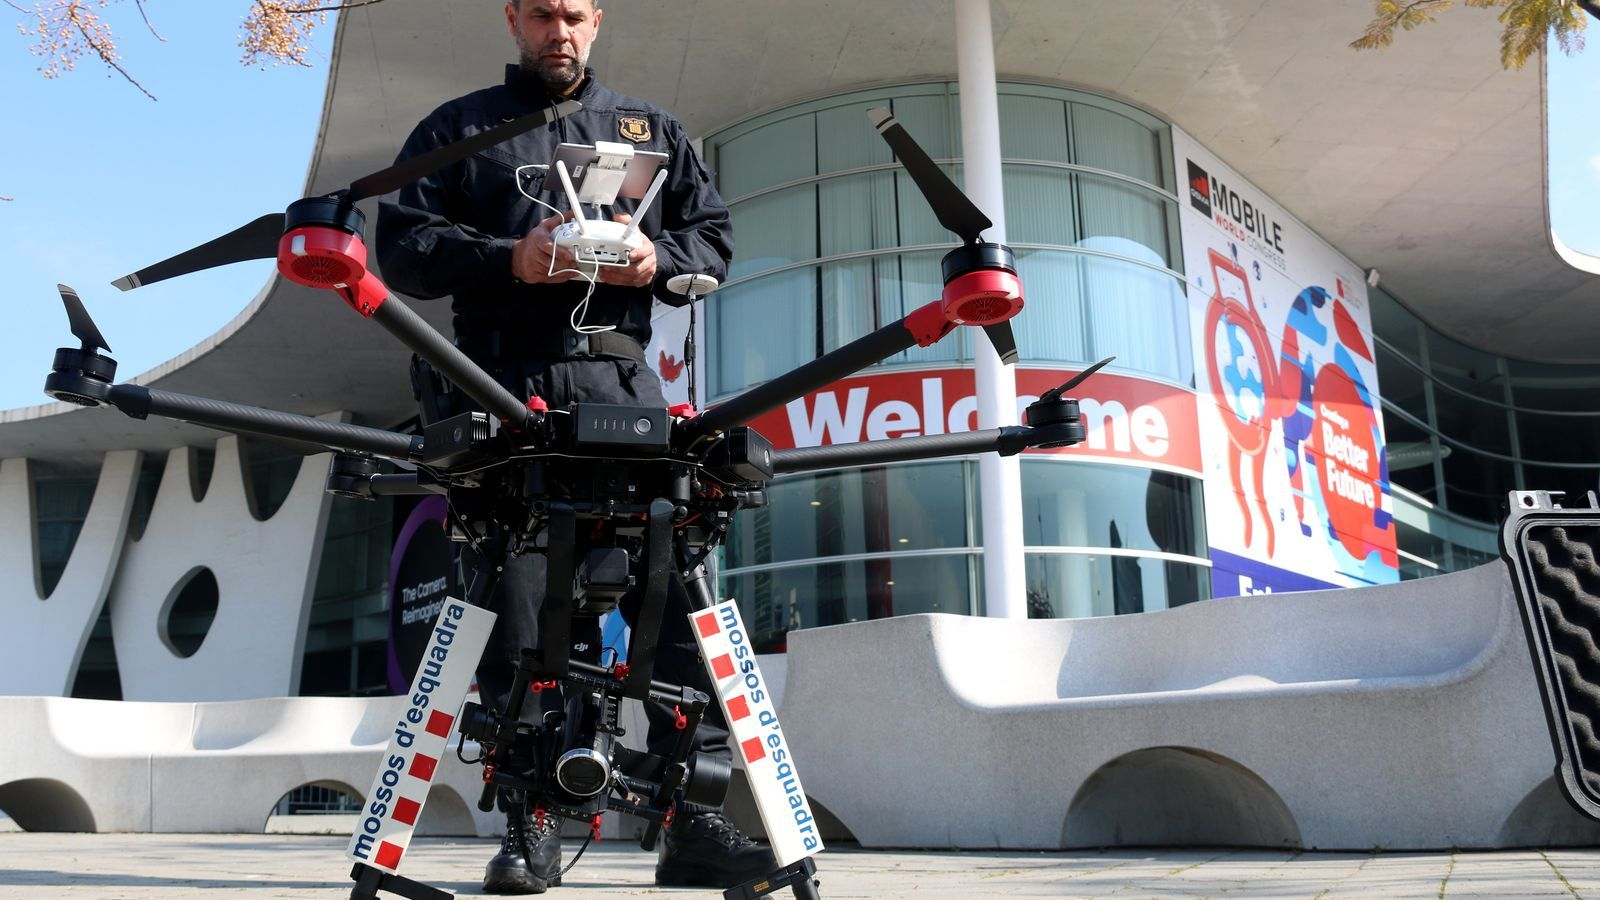 Els Mossos utilitzen per primera vegada drons en un dispositiu de seguretat, i els posen a prova al Mobile